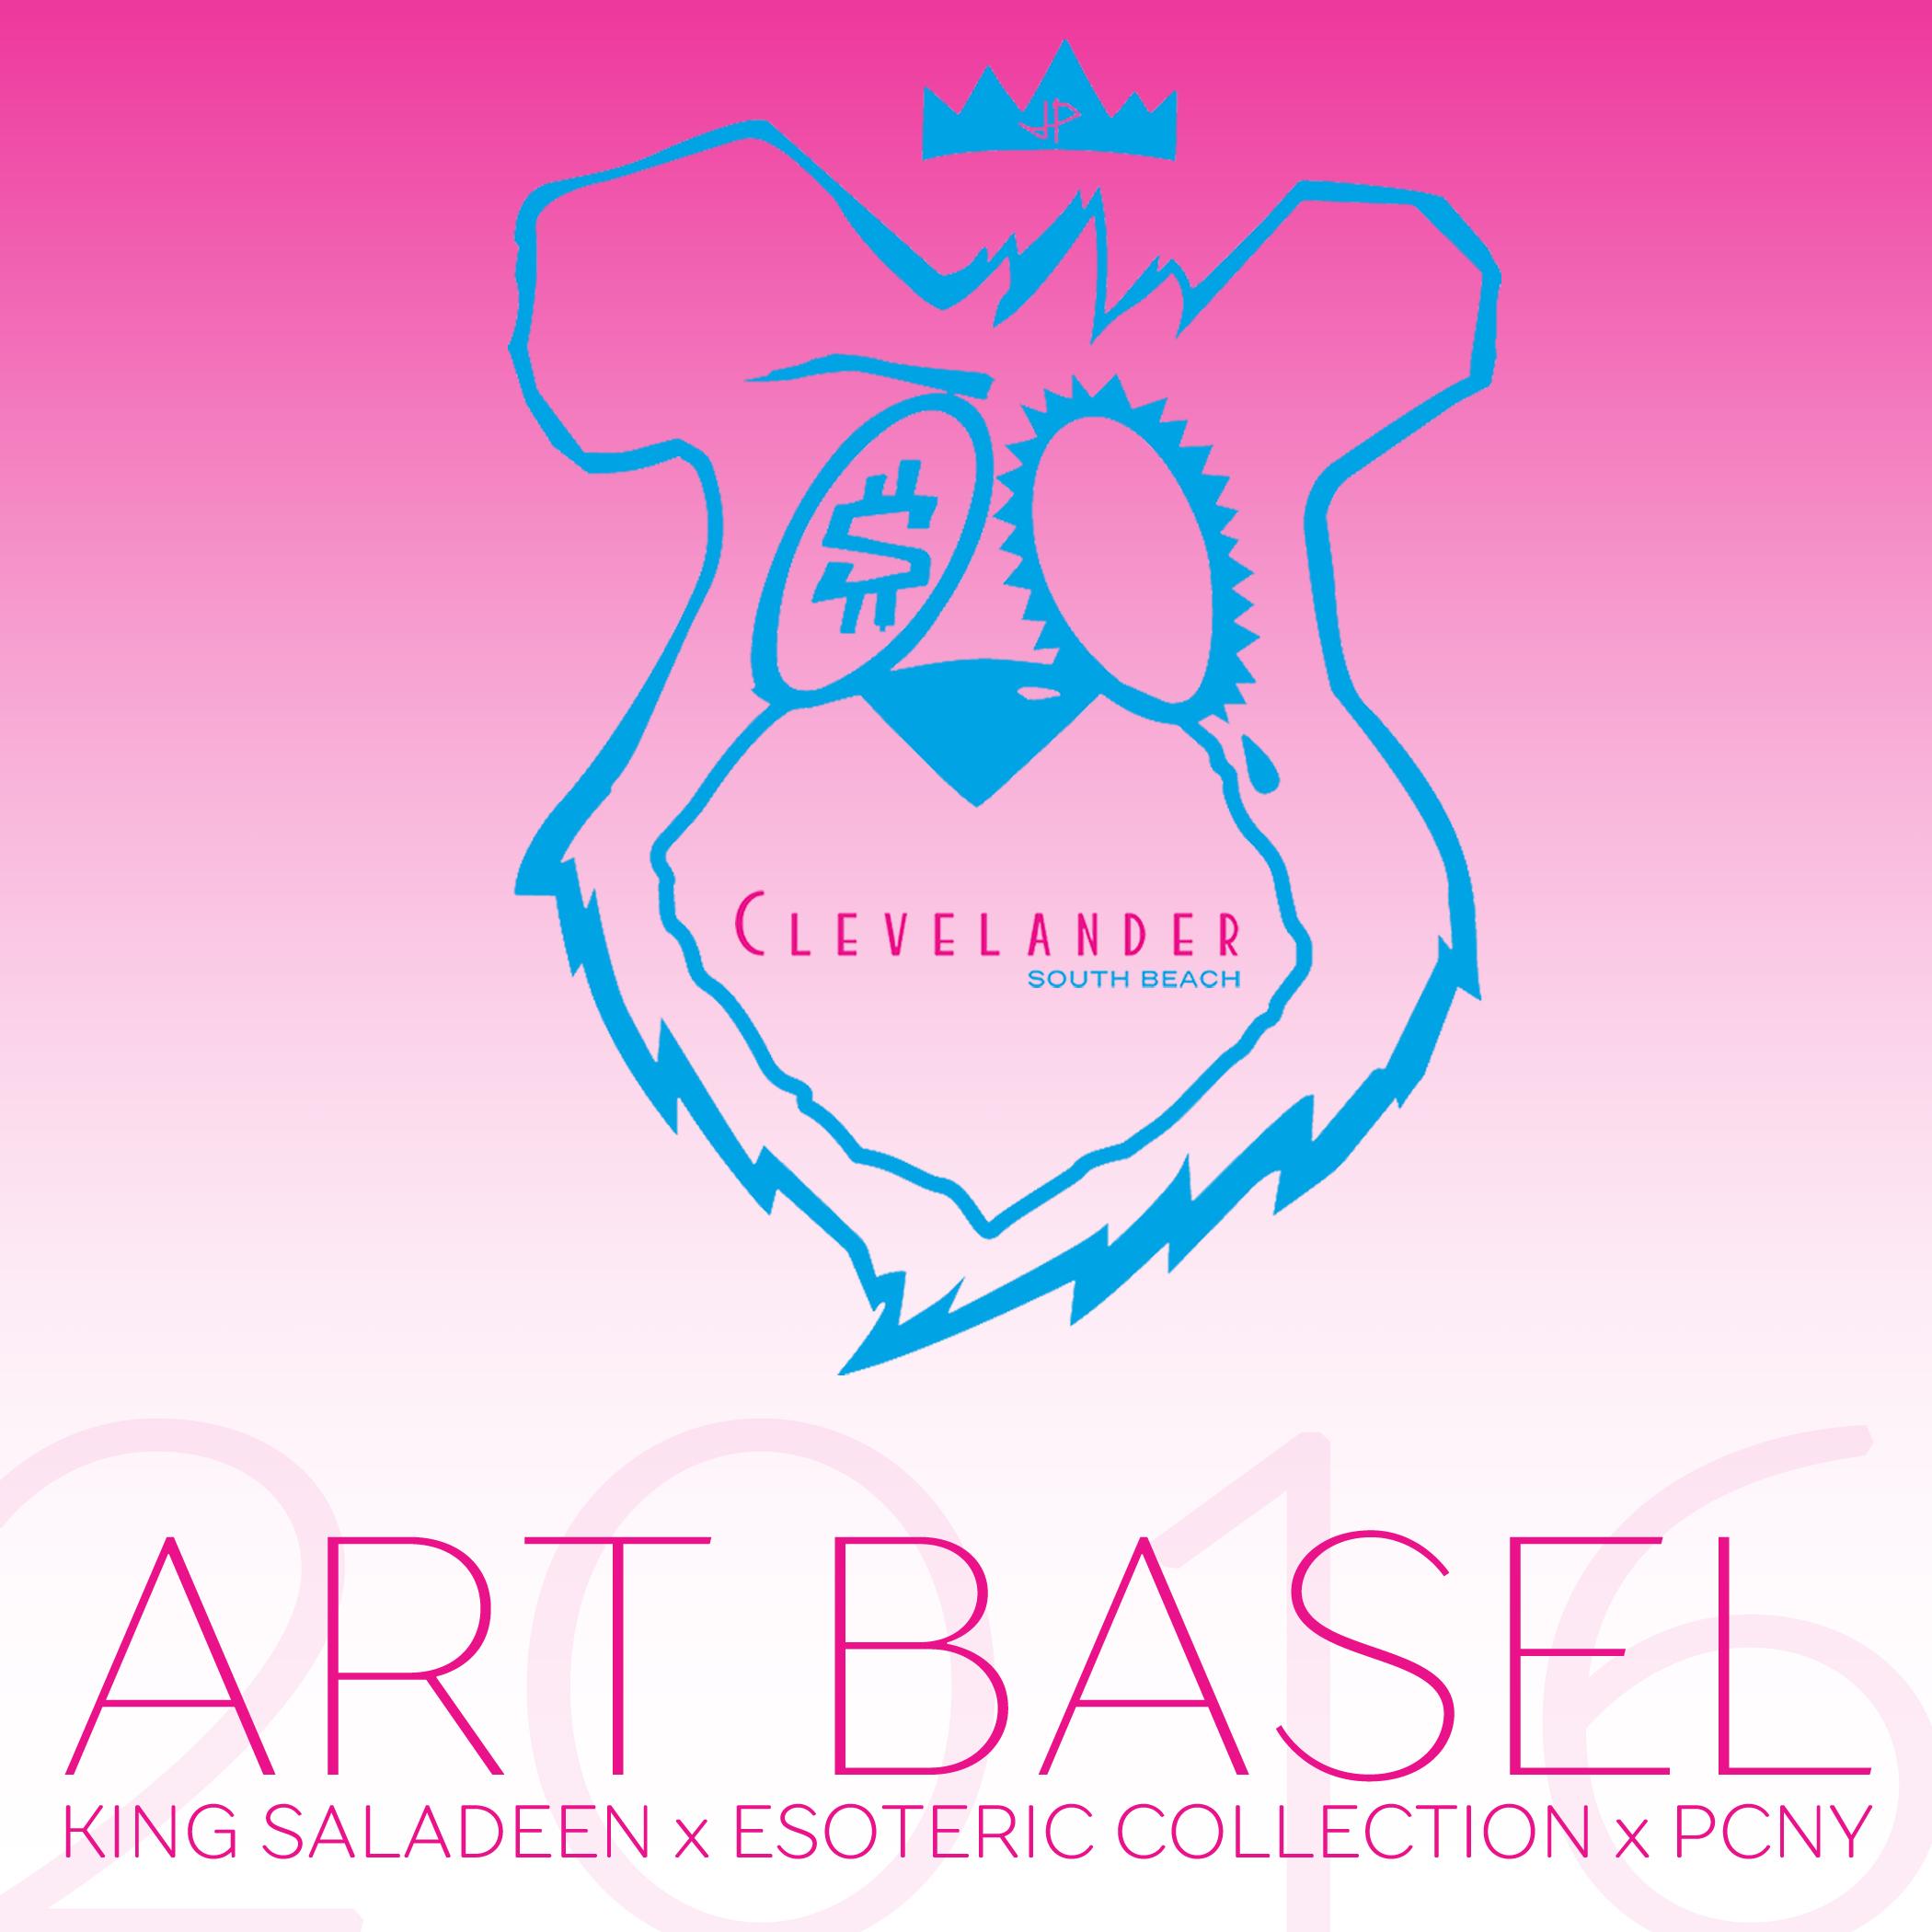 Art Basel_Tease 2_pink